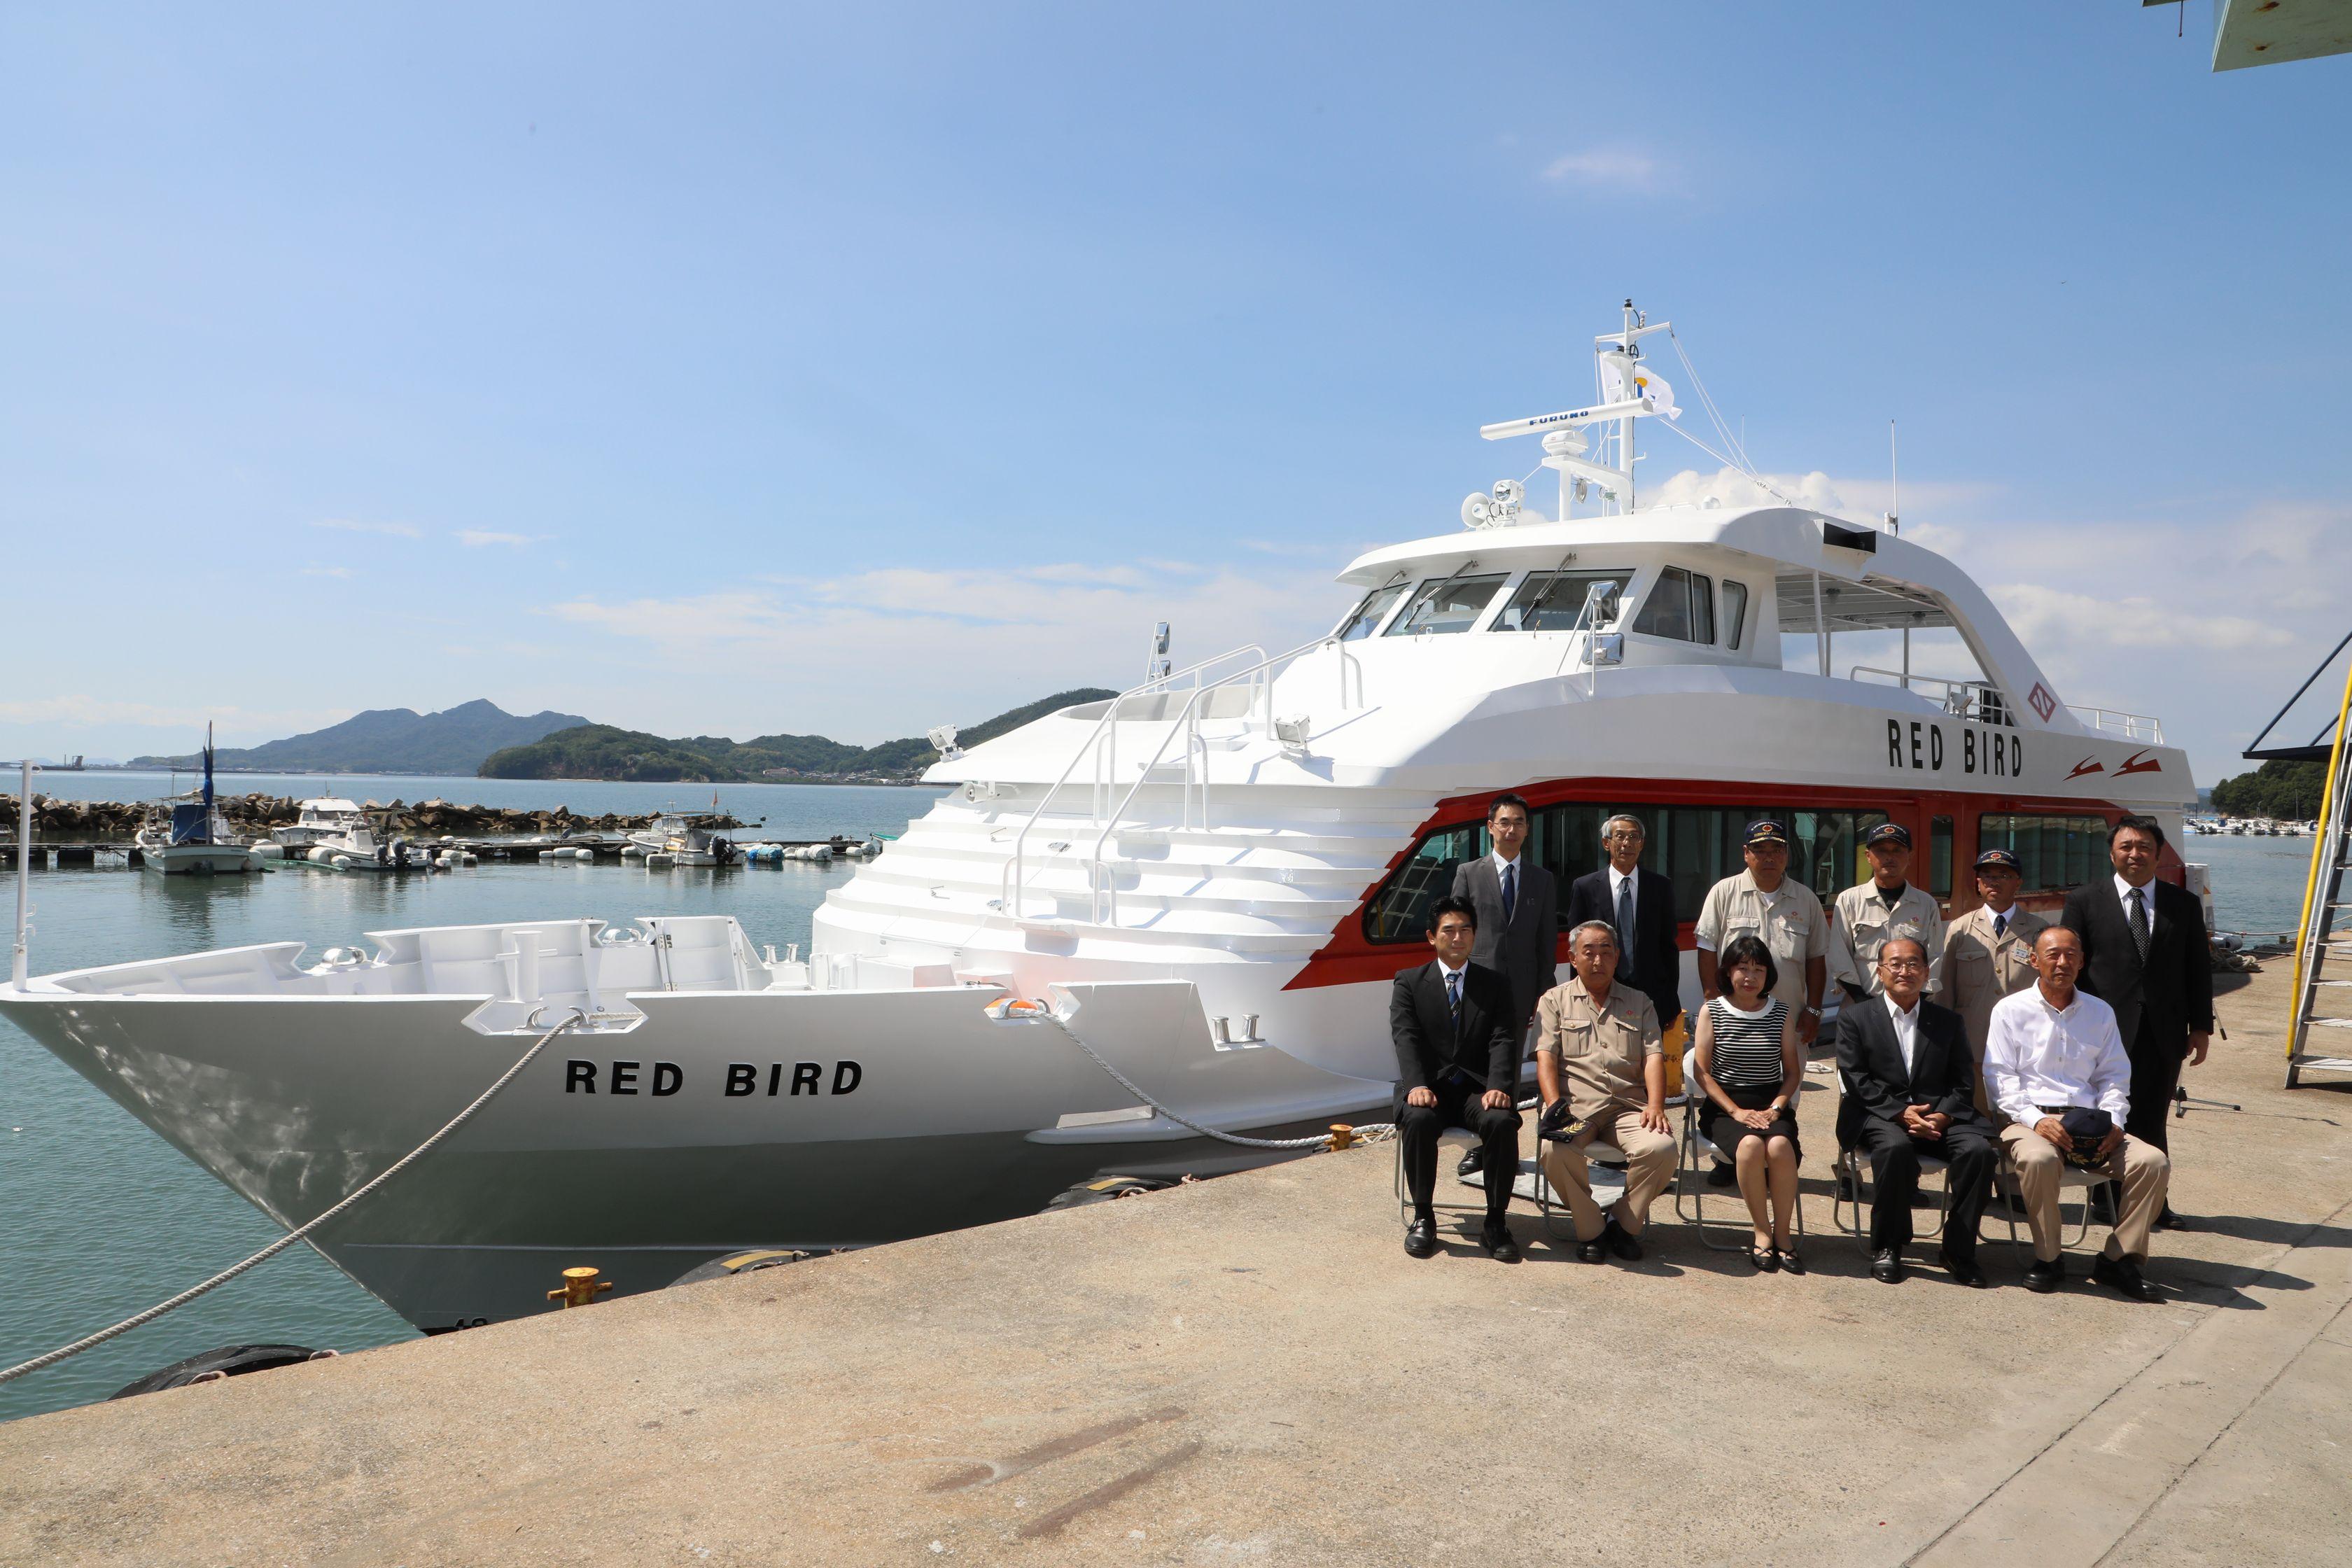 ツネイシクラフト&ファシリティーズ 高松港~直島~宇野港を結ぶ旅客船「RED BIRD」を竣工・引渡